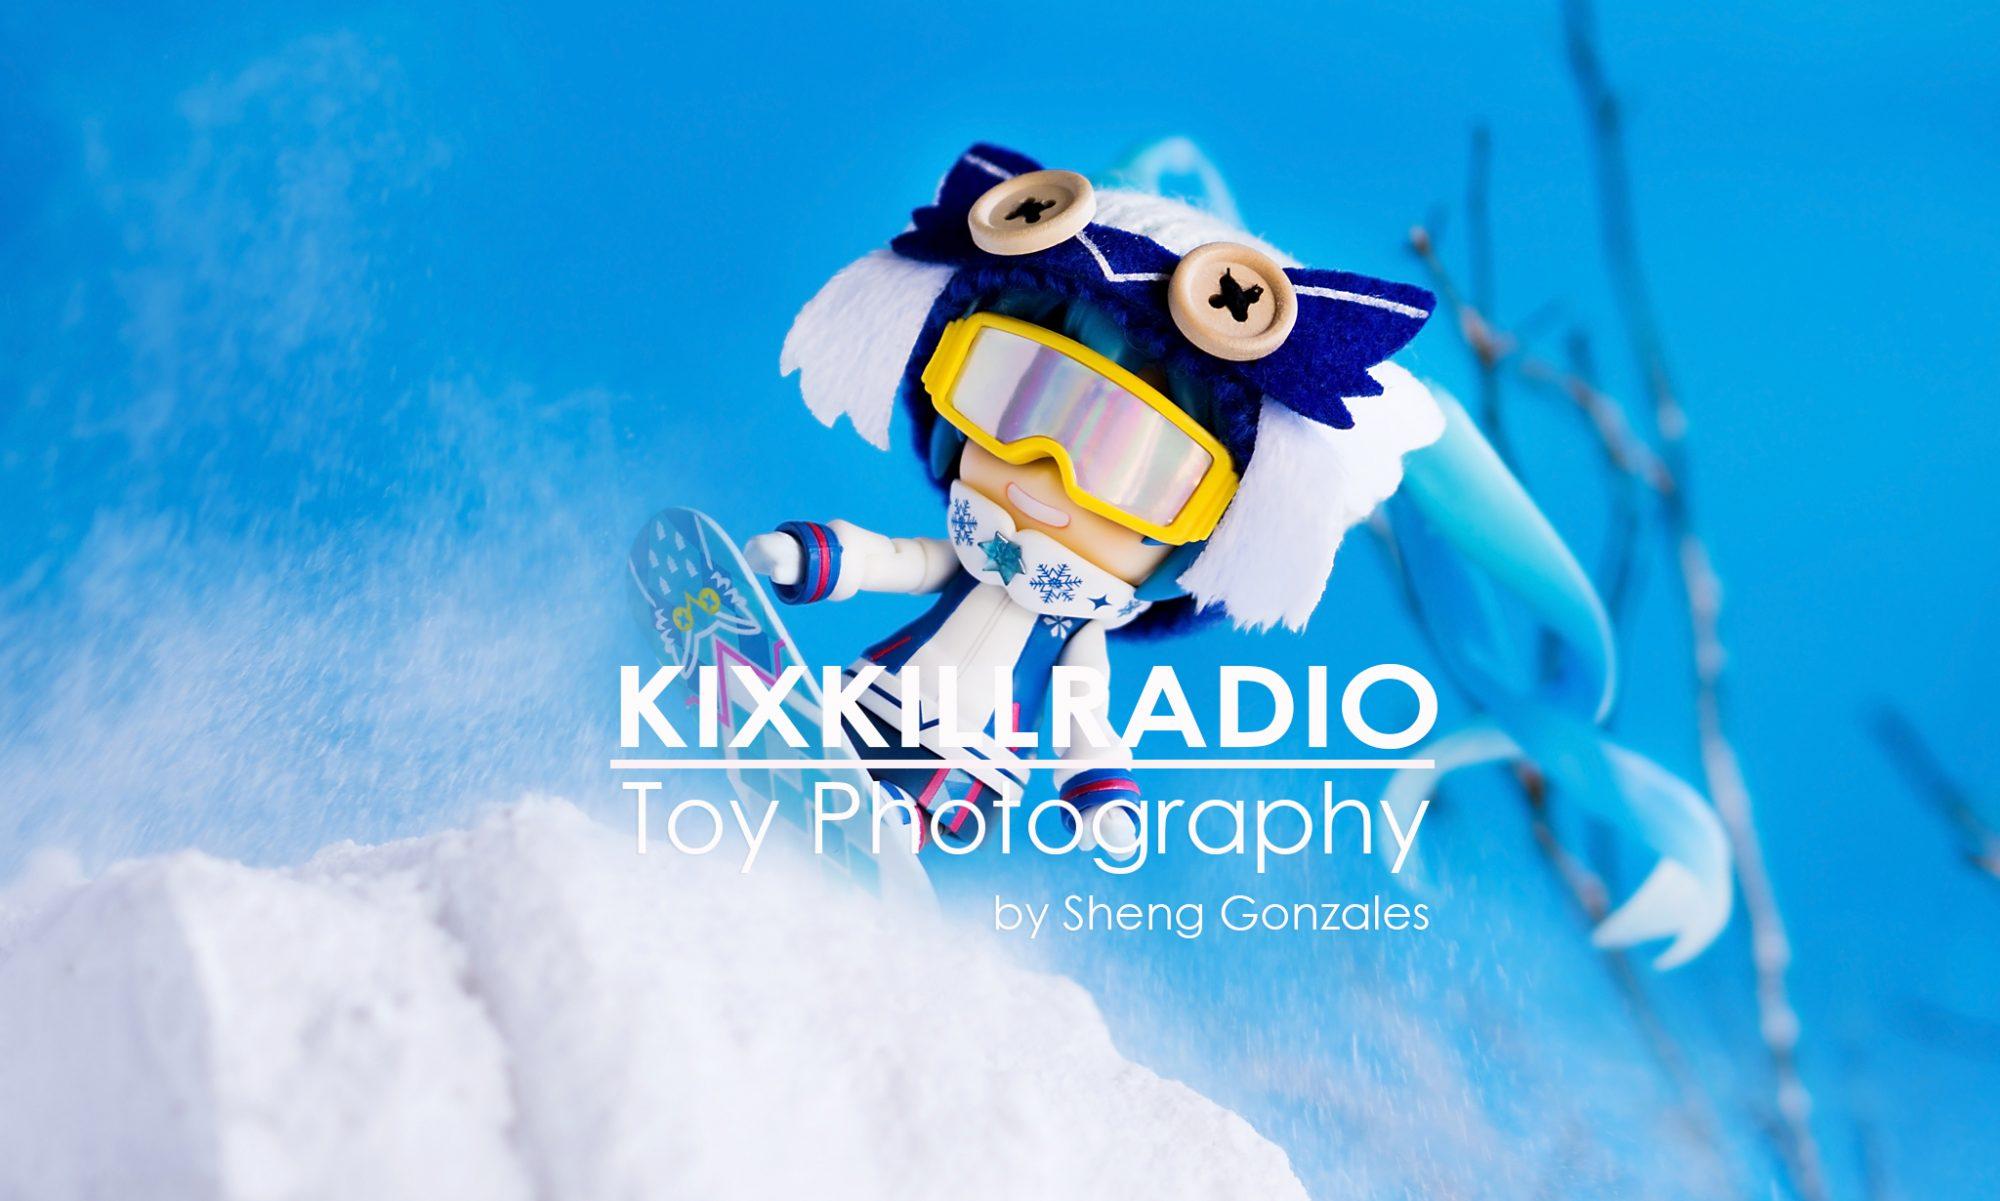 kixkillradio